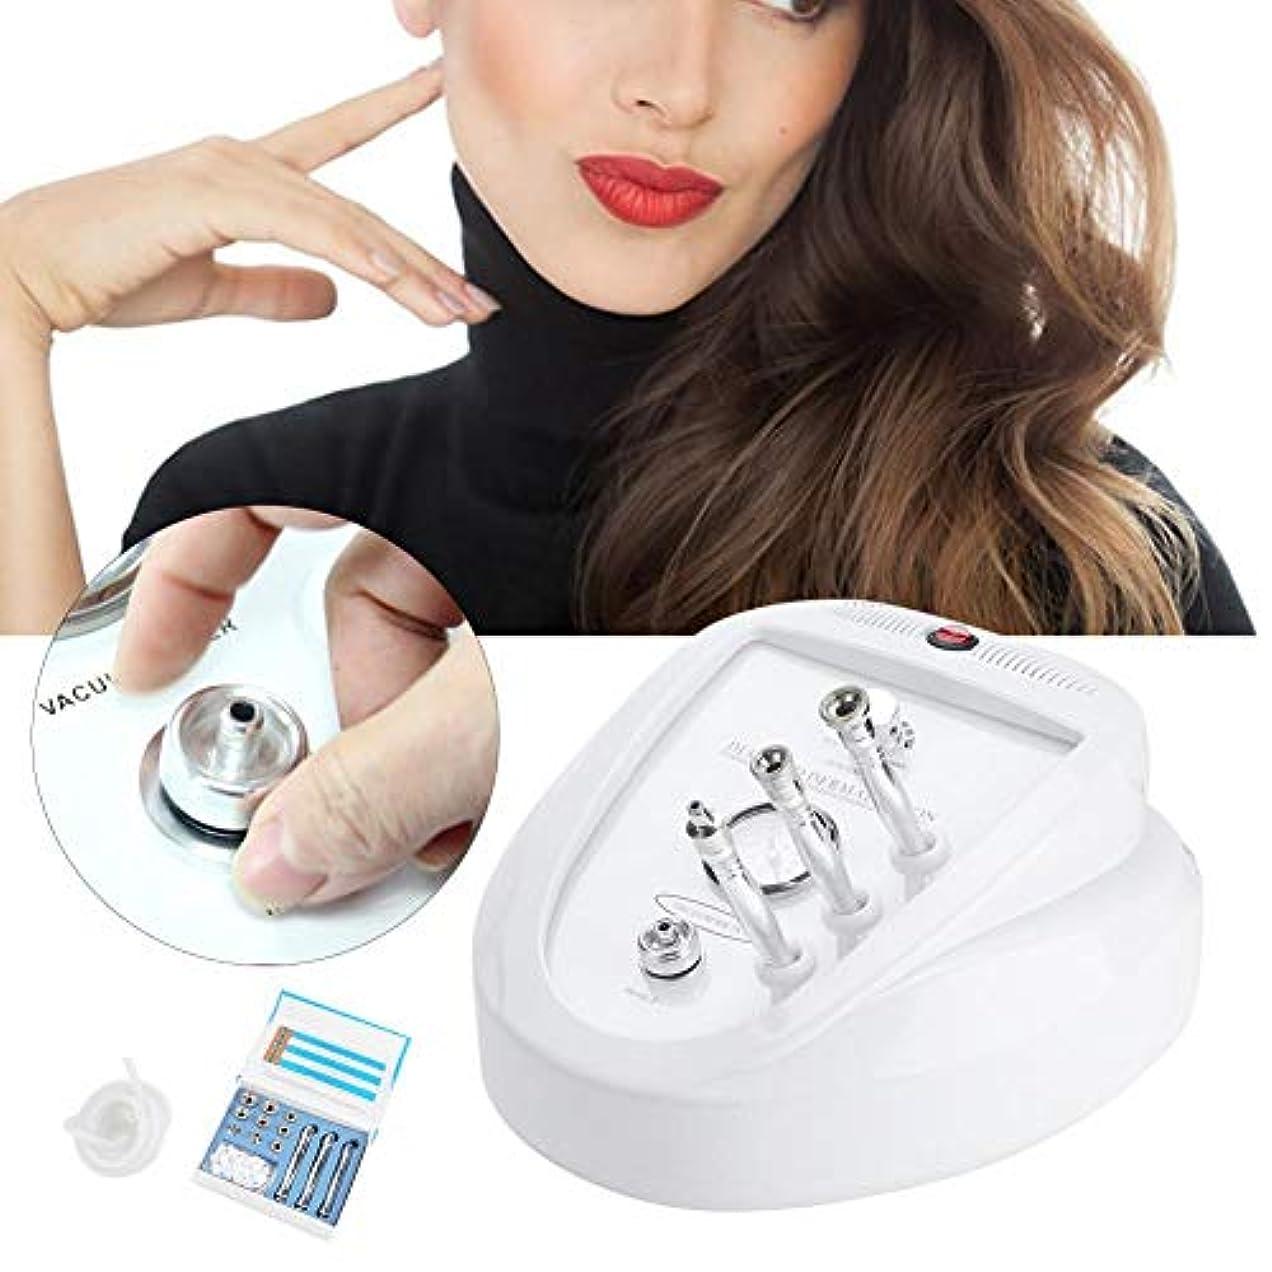 ありふれた近々熱3 in 1ダイヤモンド皮膚剥離機、肌の若返り装置、フェイスリフティングマイクロマッサージエクスフォリエーター用プロのサロン&家庭用ディープクレンジングホワイトニングスキンピーリングシワ削除